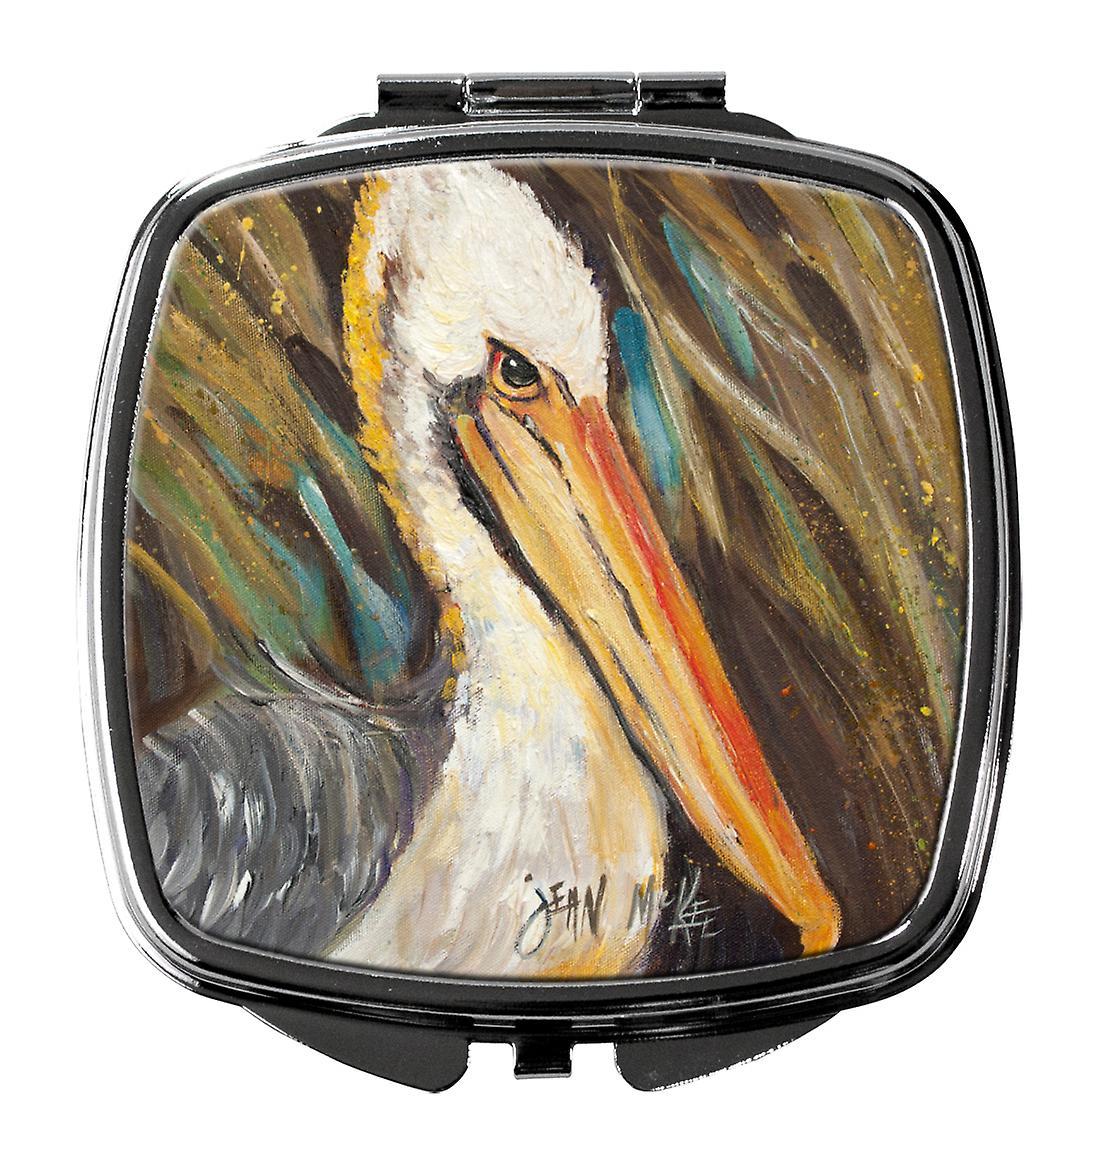 Compact Treasures Jmk1216scm West Mirror Carolines Lookin Pelican 7ygbf6Y